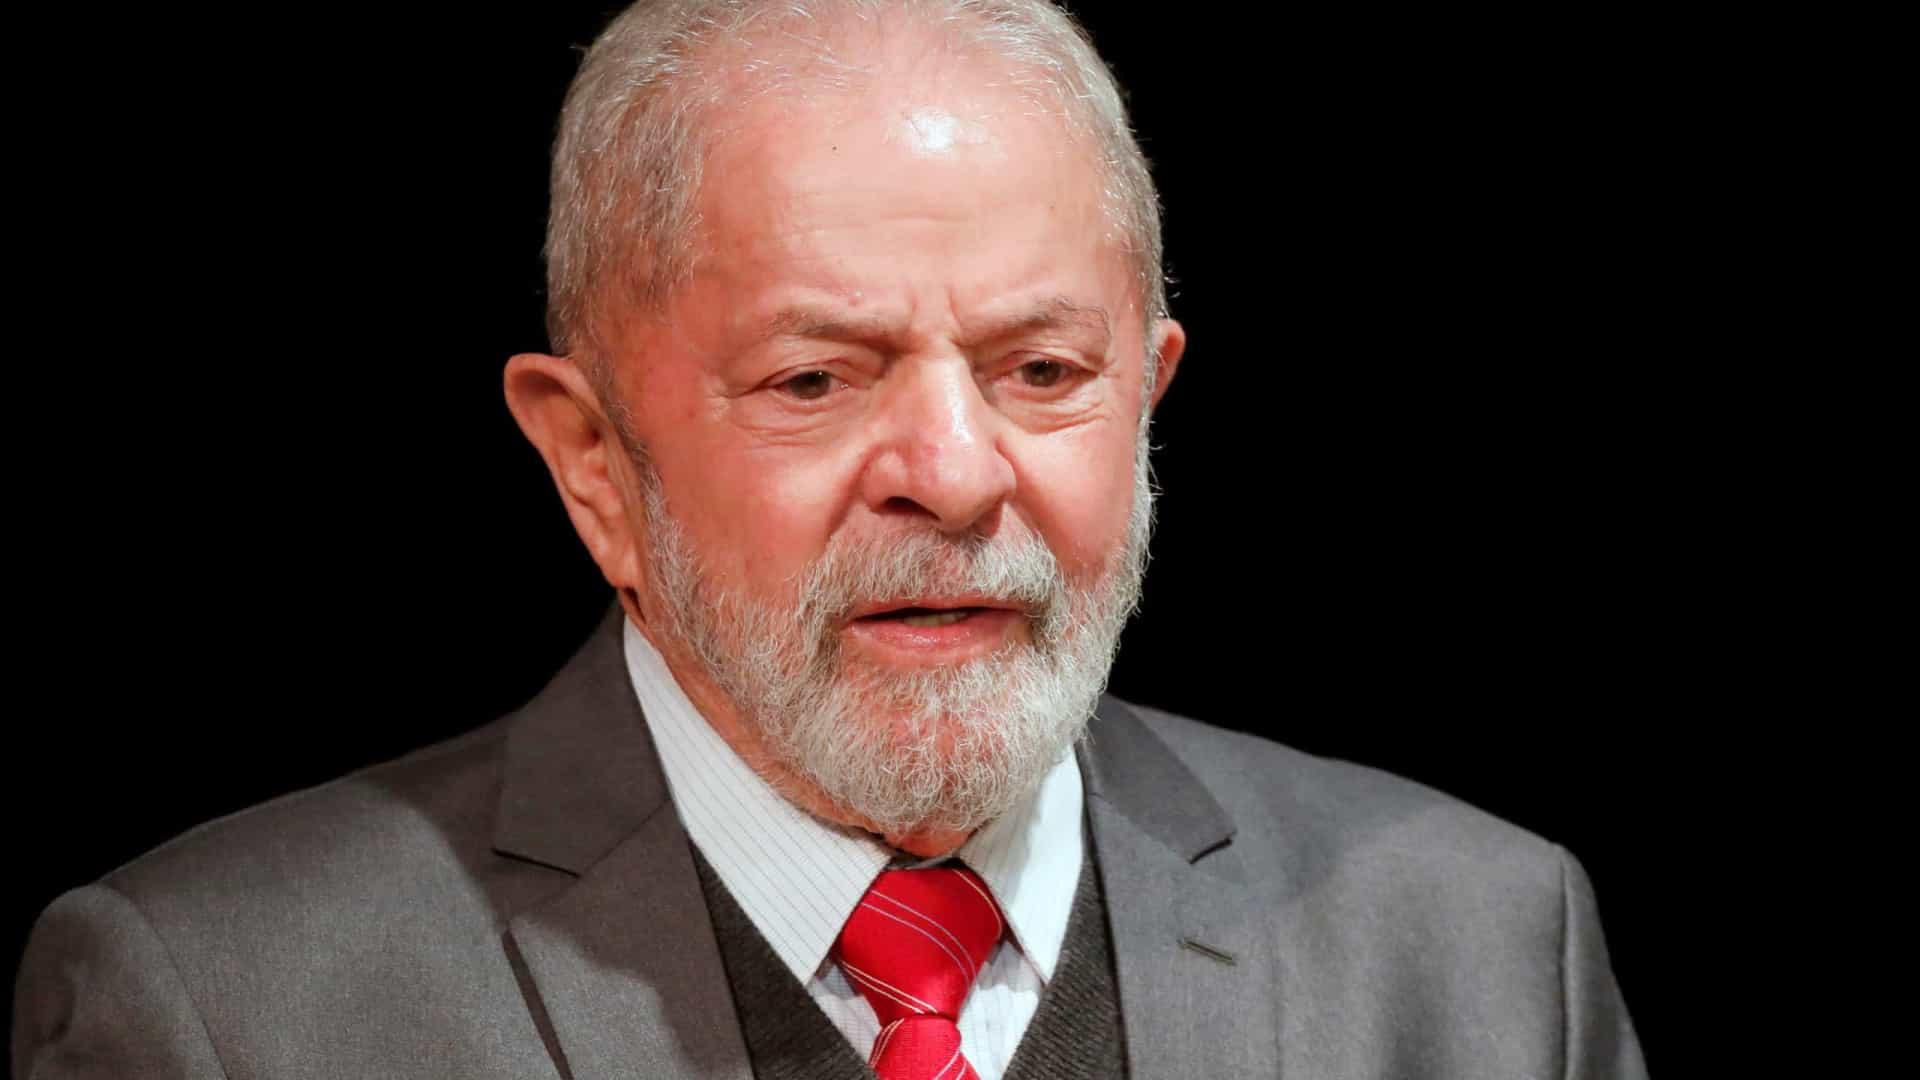 naom 5ec3a3d249846 - Lula chama Franklin Martins para comunicação de pré-campanha